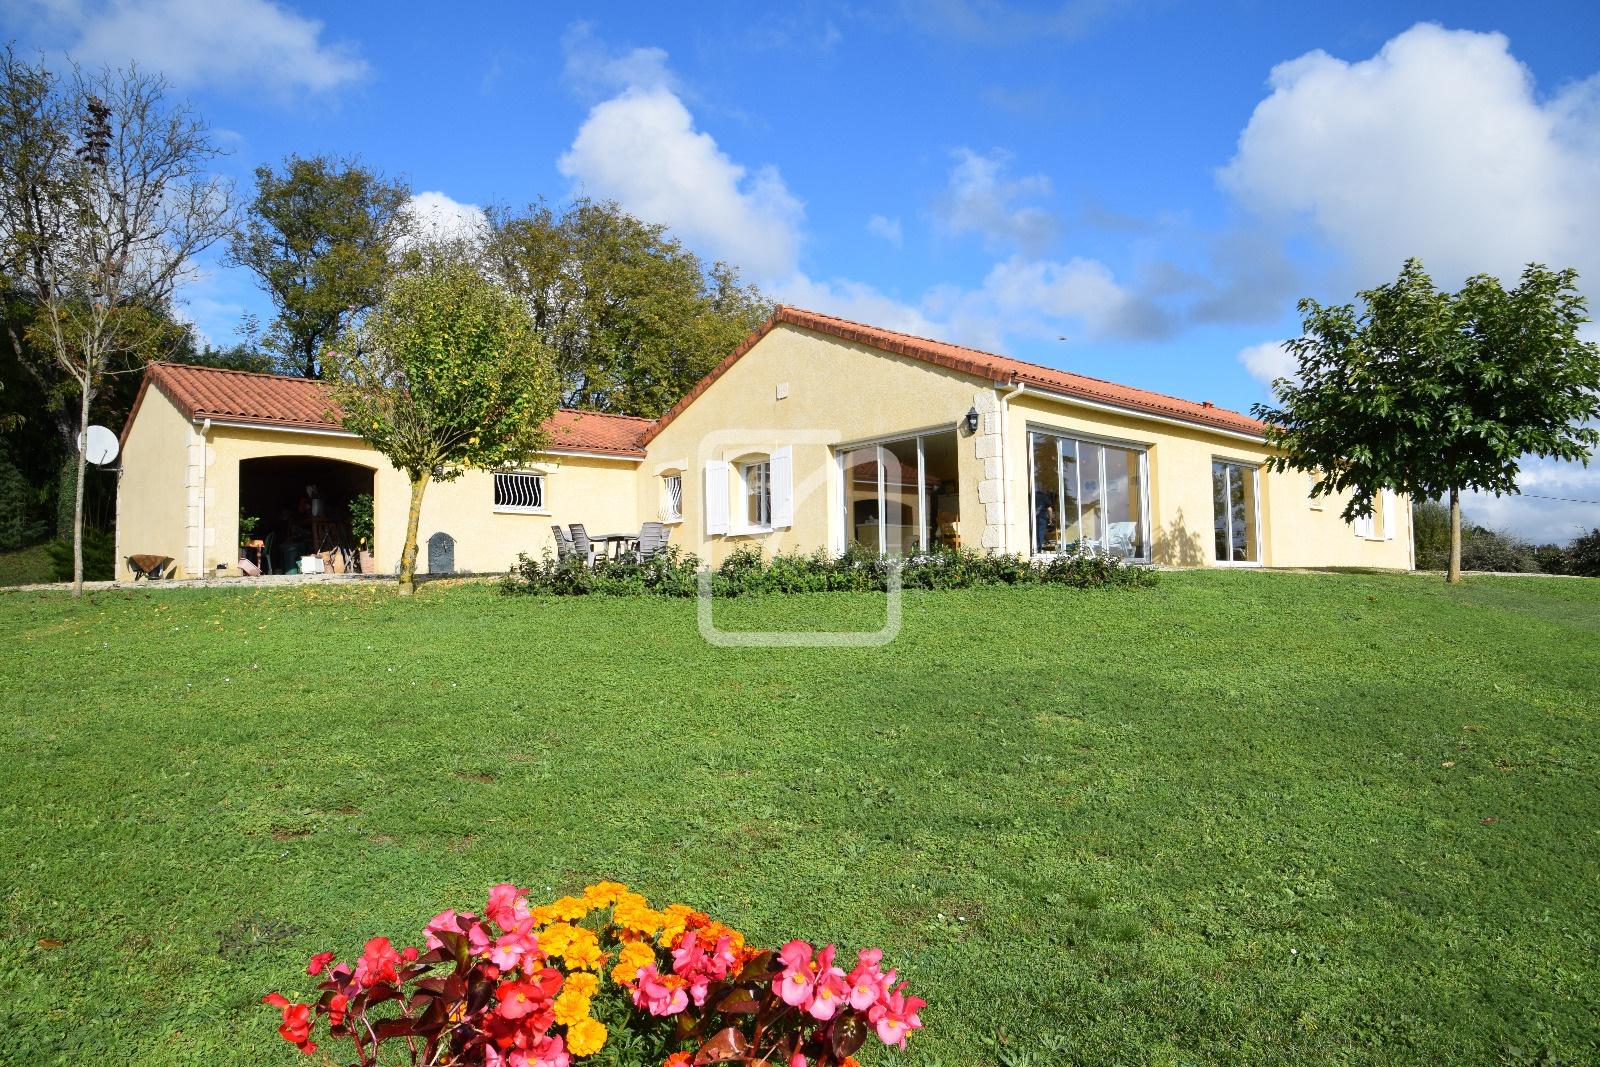 Annonce vente maison thiviers 24800 150 m 261 000 for Vente maison neuve 85